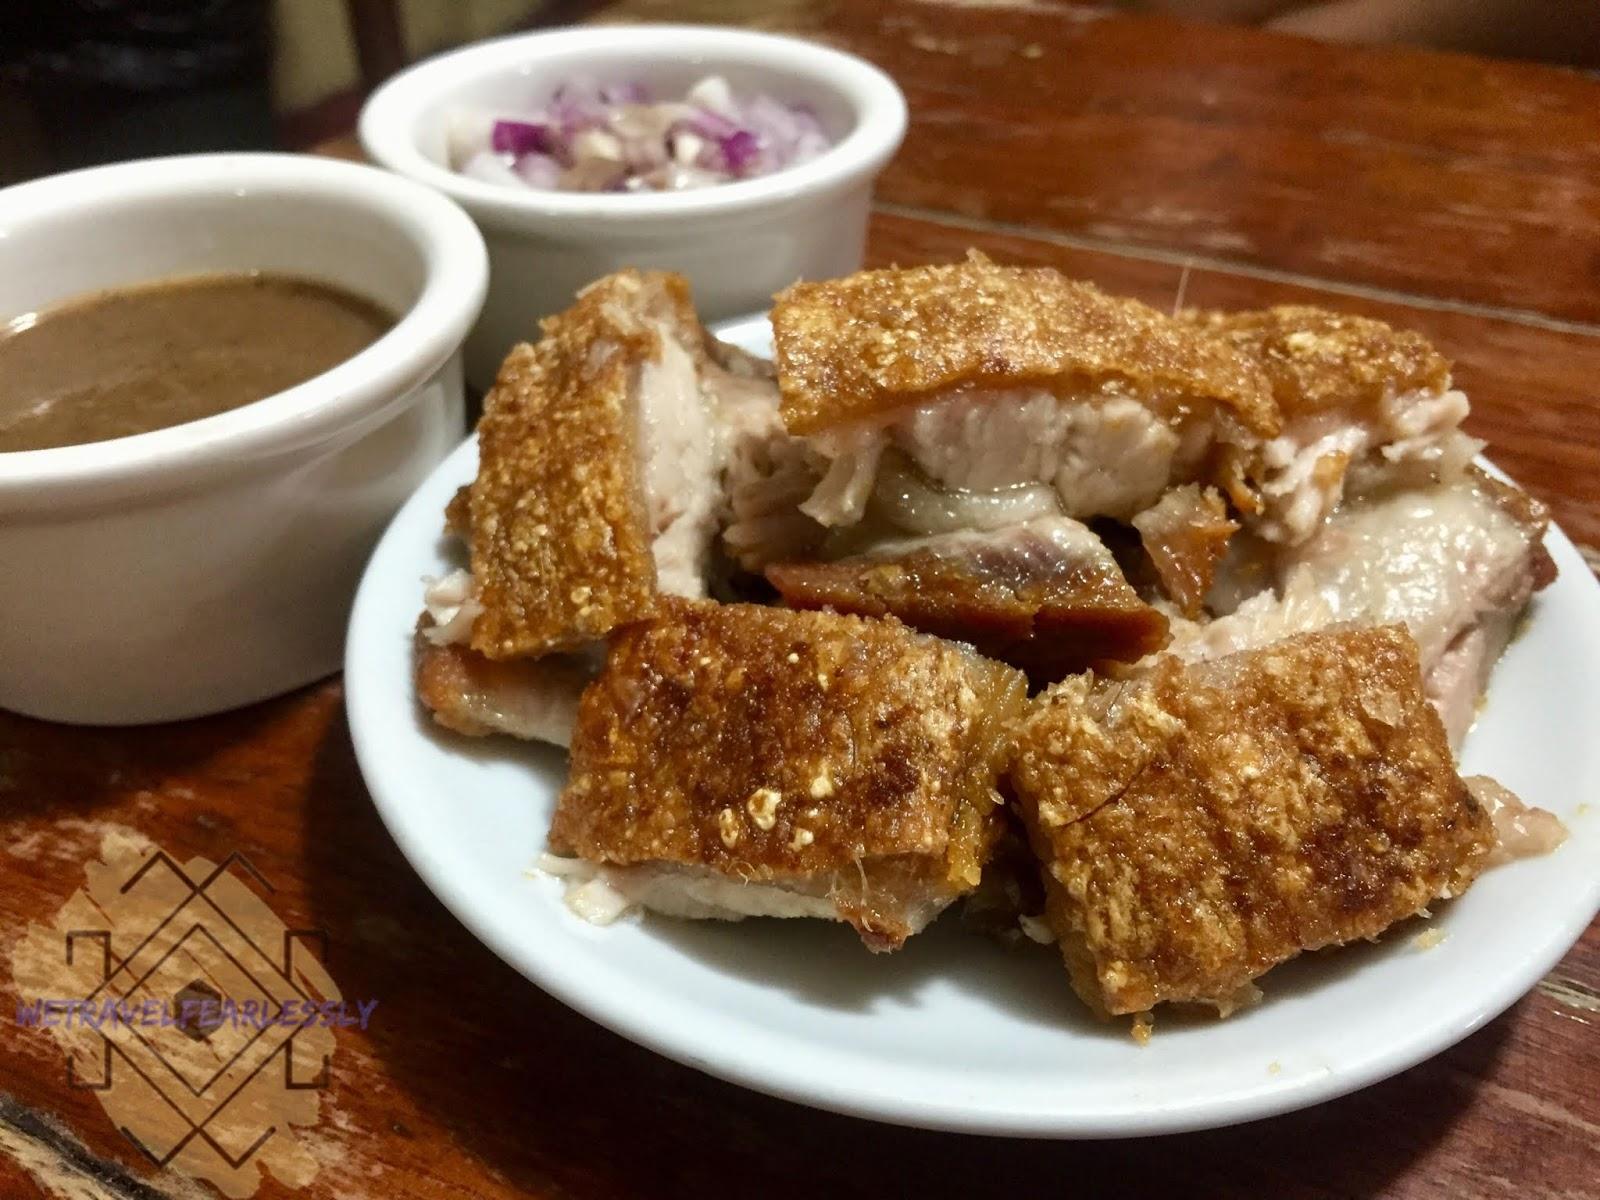 Bagnet in Tuki's Food Station in Manggahan, Pasig